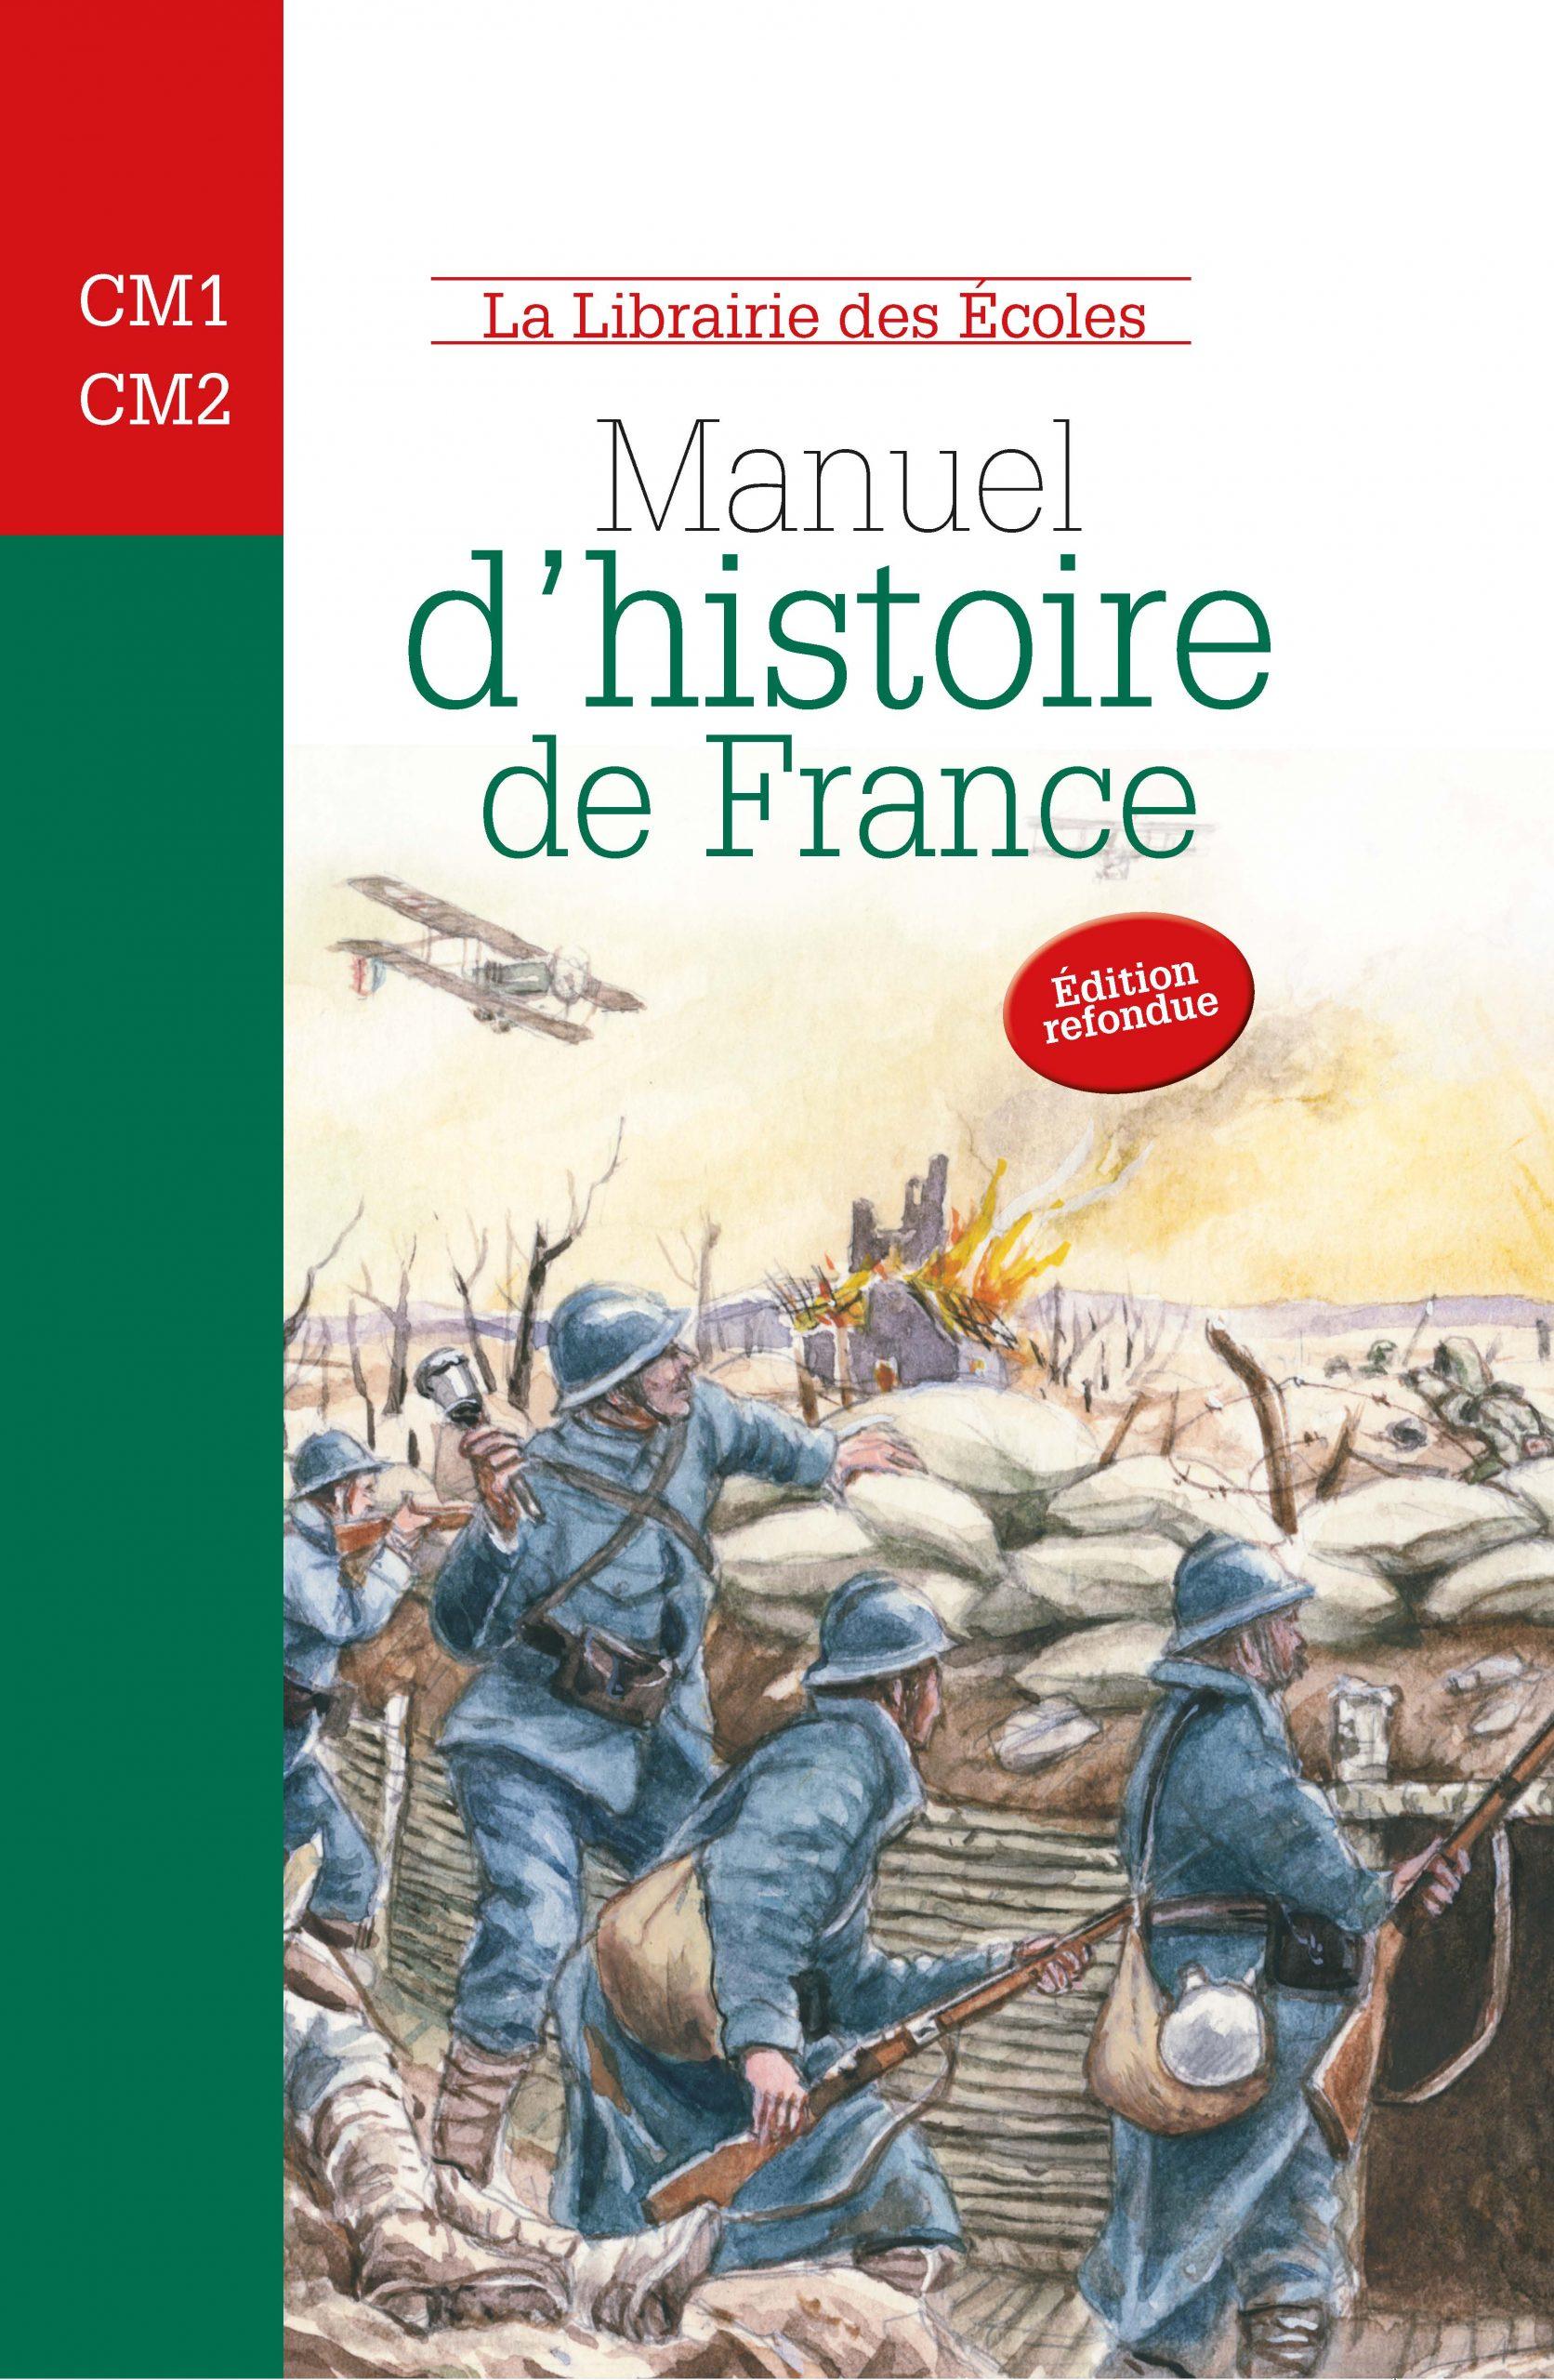 Livre D Histoire De France : livre, histoire, france, Manuel, D'histoire, France, CM1-CM2, Librairie, Ecoles